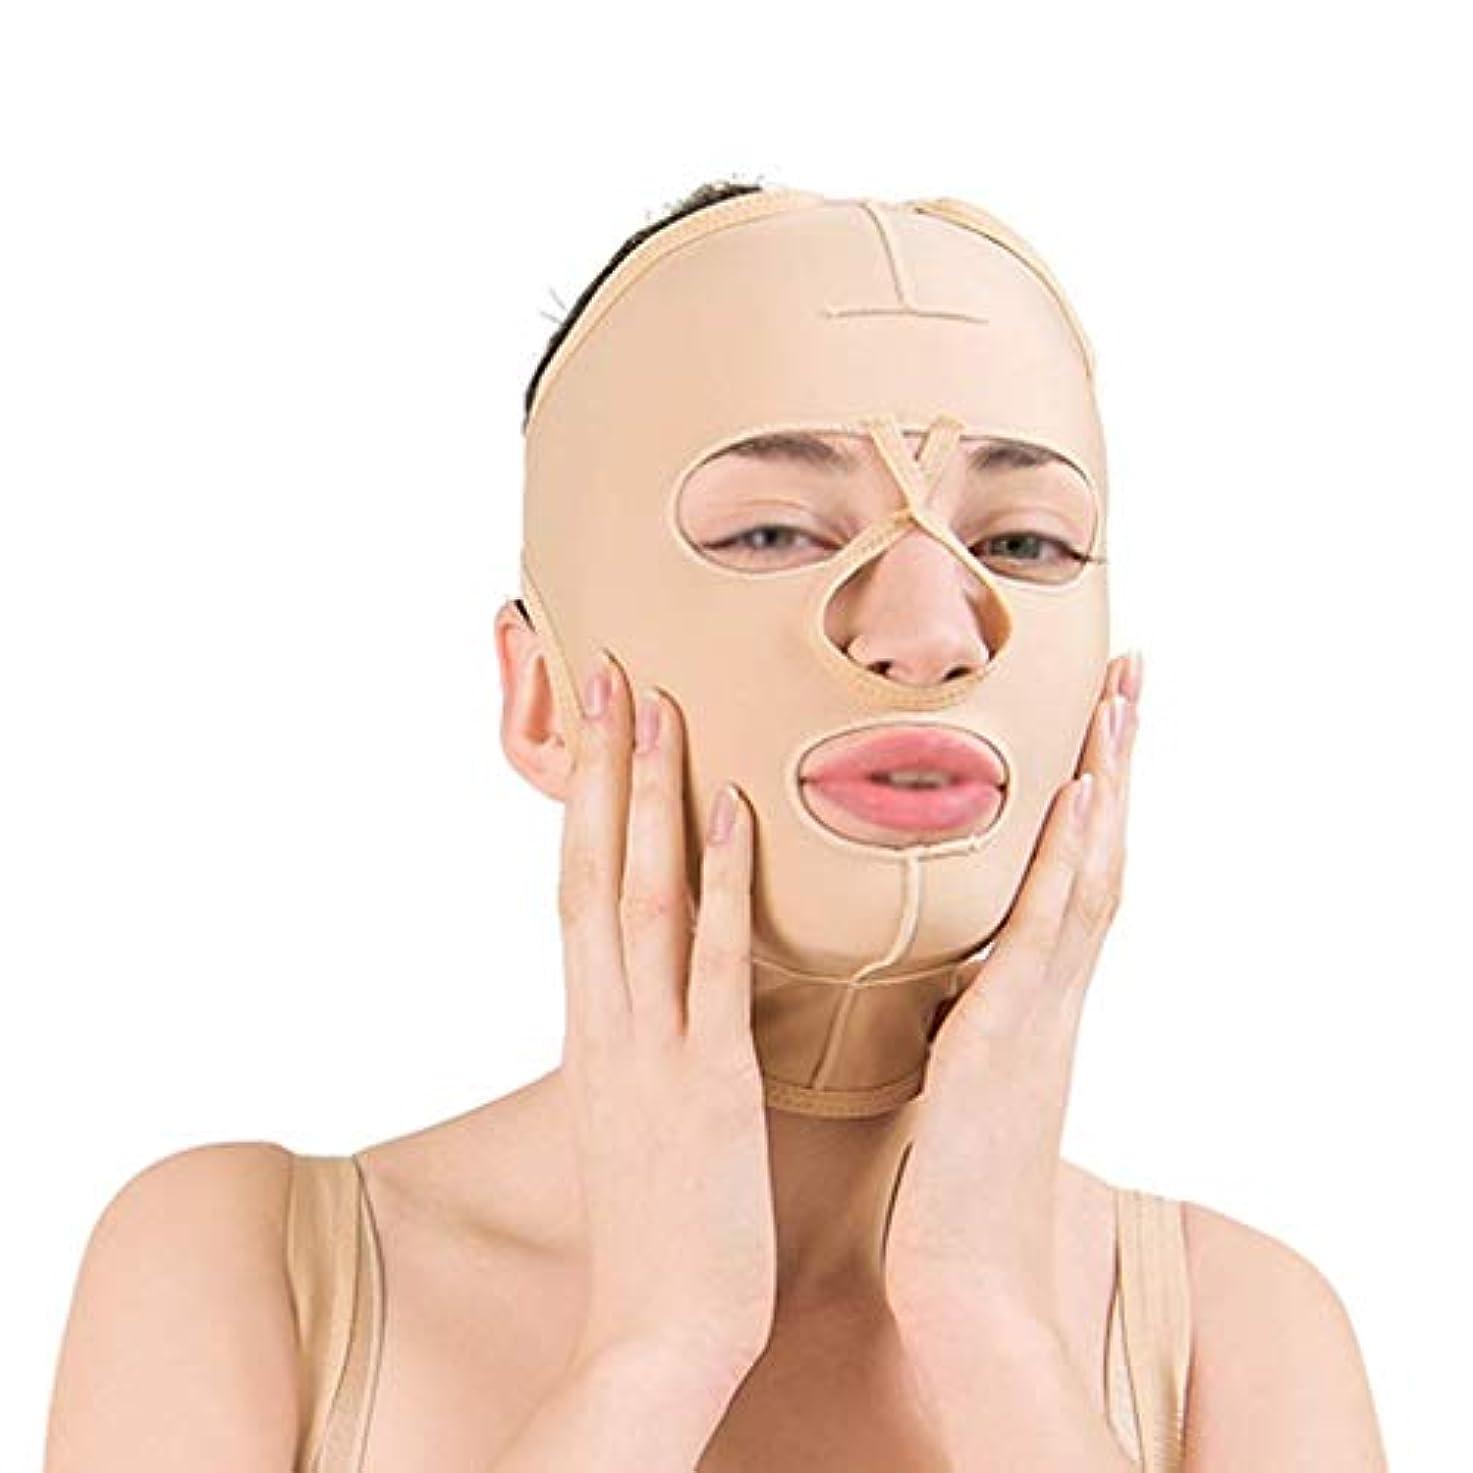 怒る登録するやむを得ないフェイススリミングマスク、フェイスバンデージ付きフェイシャル減量マスク、通気性フェイスリフト、引き締め、フェイスリフティング(サイズ:L),ザ?